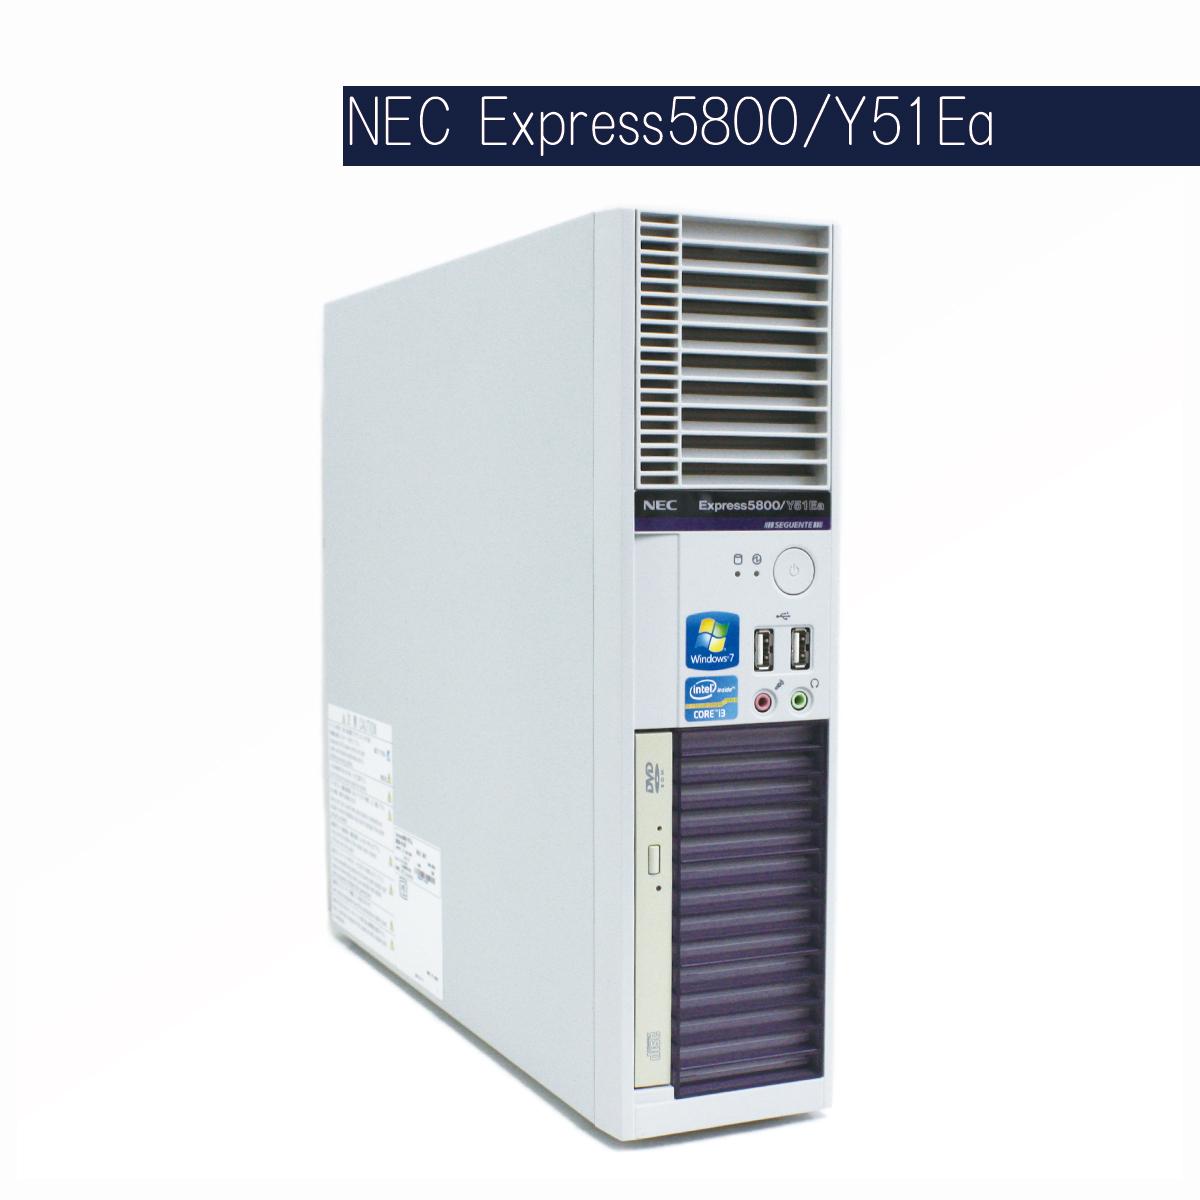 NEC Express5800 Y51Ea Corei3 2120 [3.3GHz](Win10)